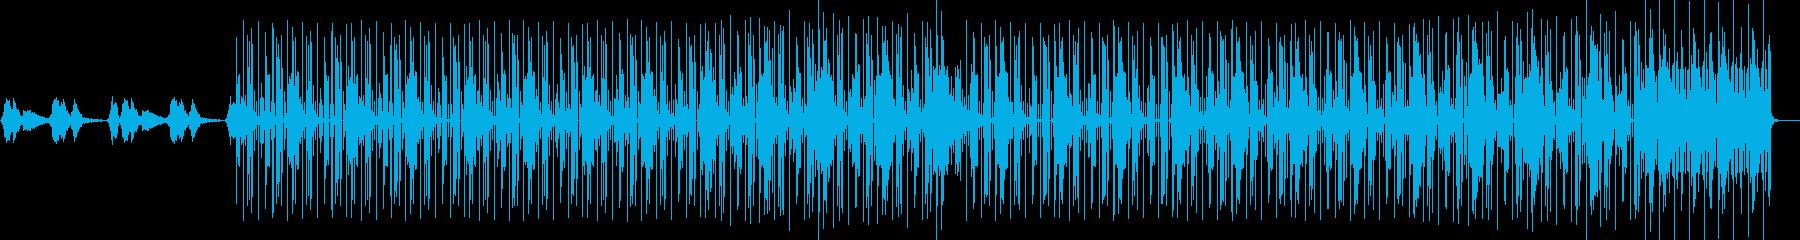 幻想的 電子音 トラップビートの再生済みの波形